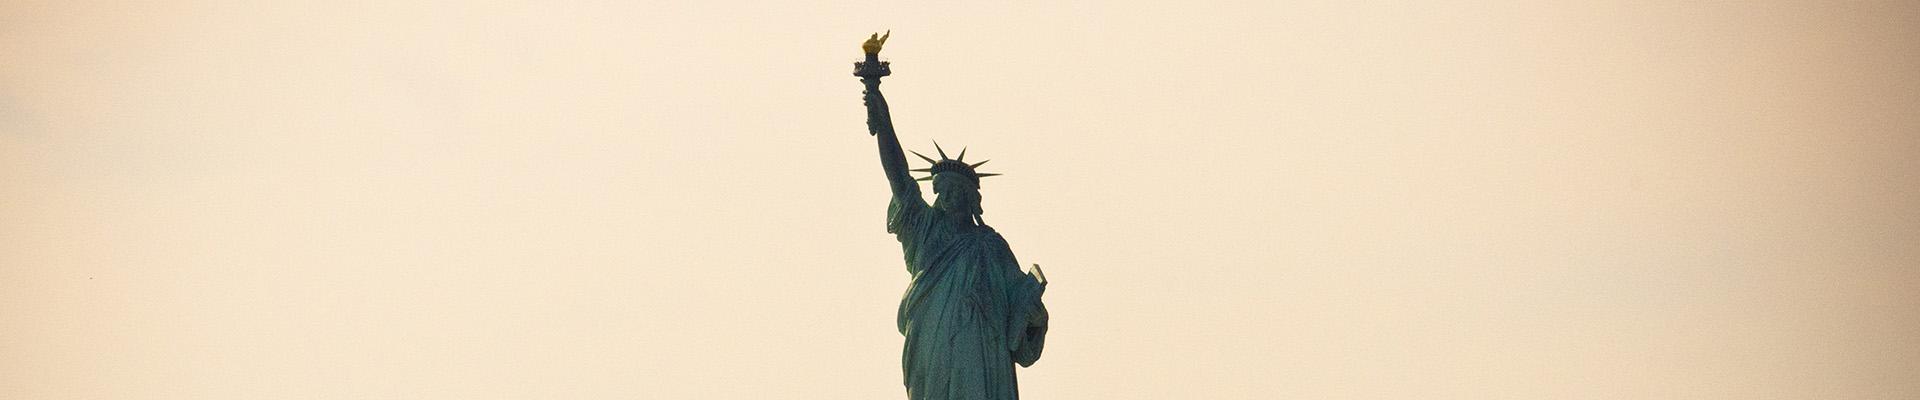 New York internship accommodation